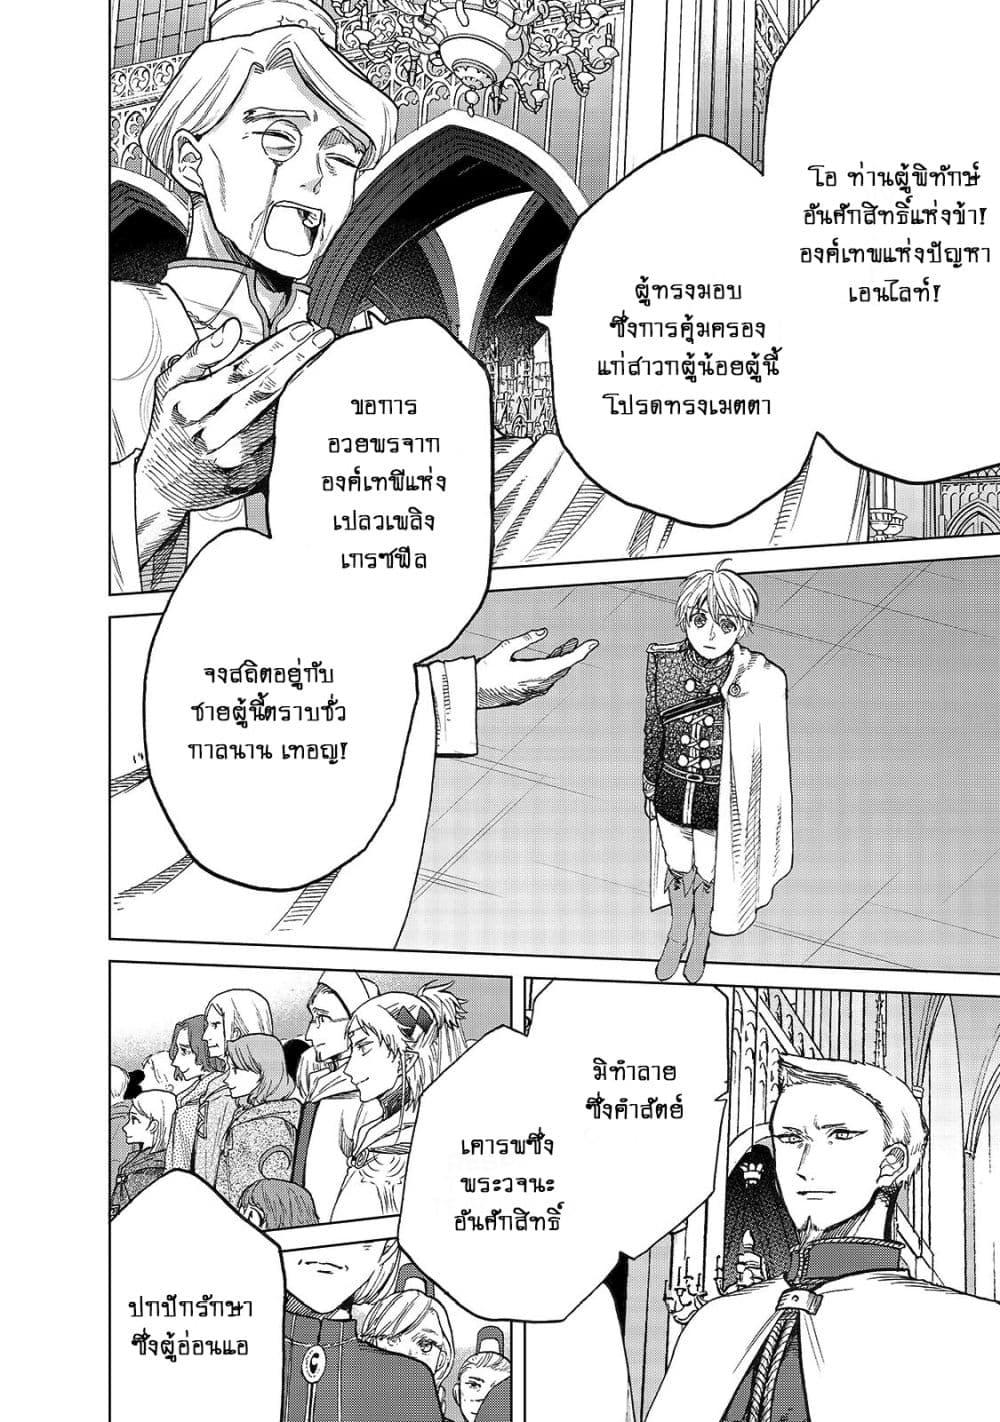 อ่านการ์ตูน Saihate no Paladin ตอนที่ 22 หน้าที่ 34